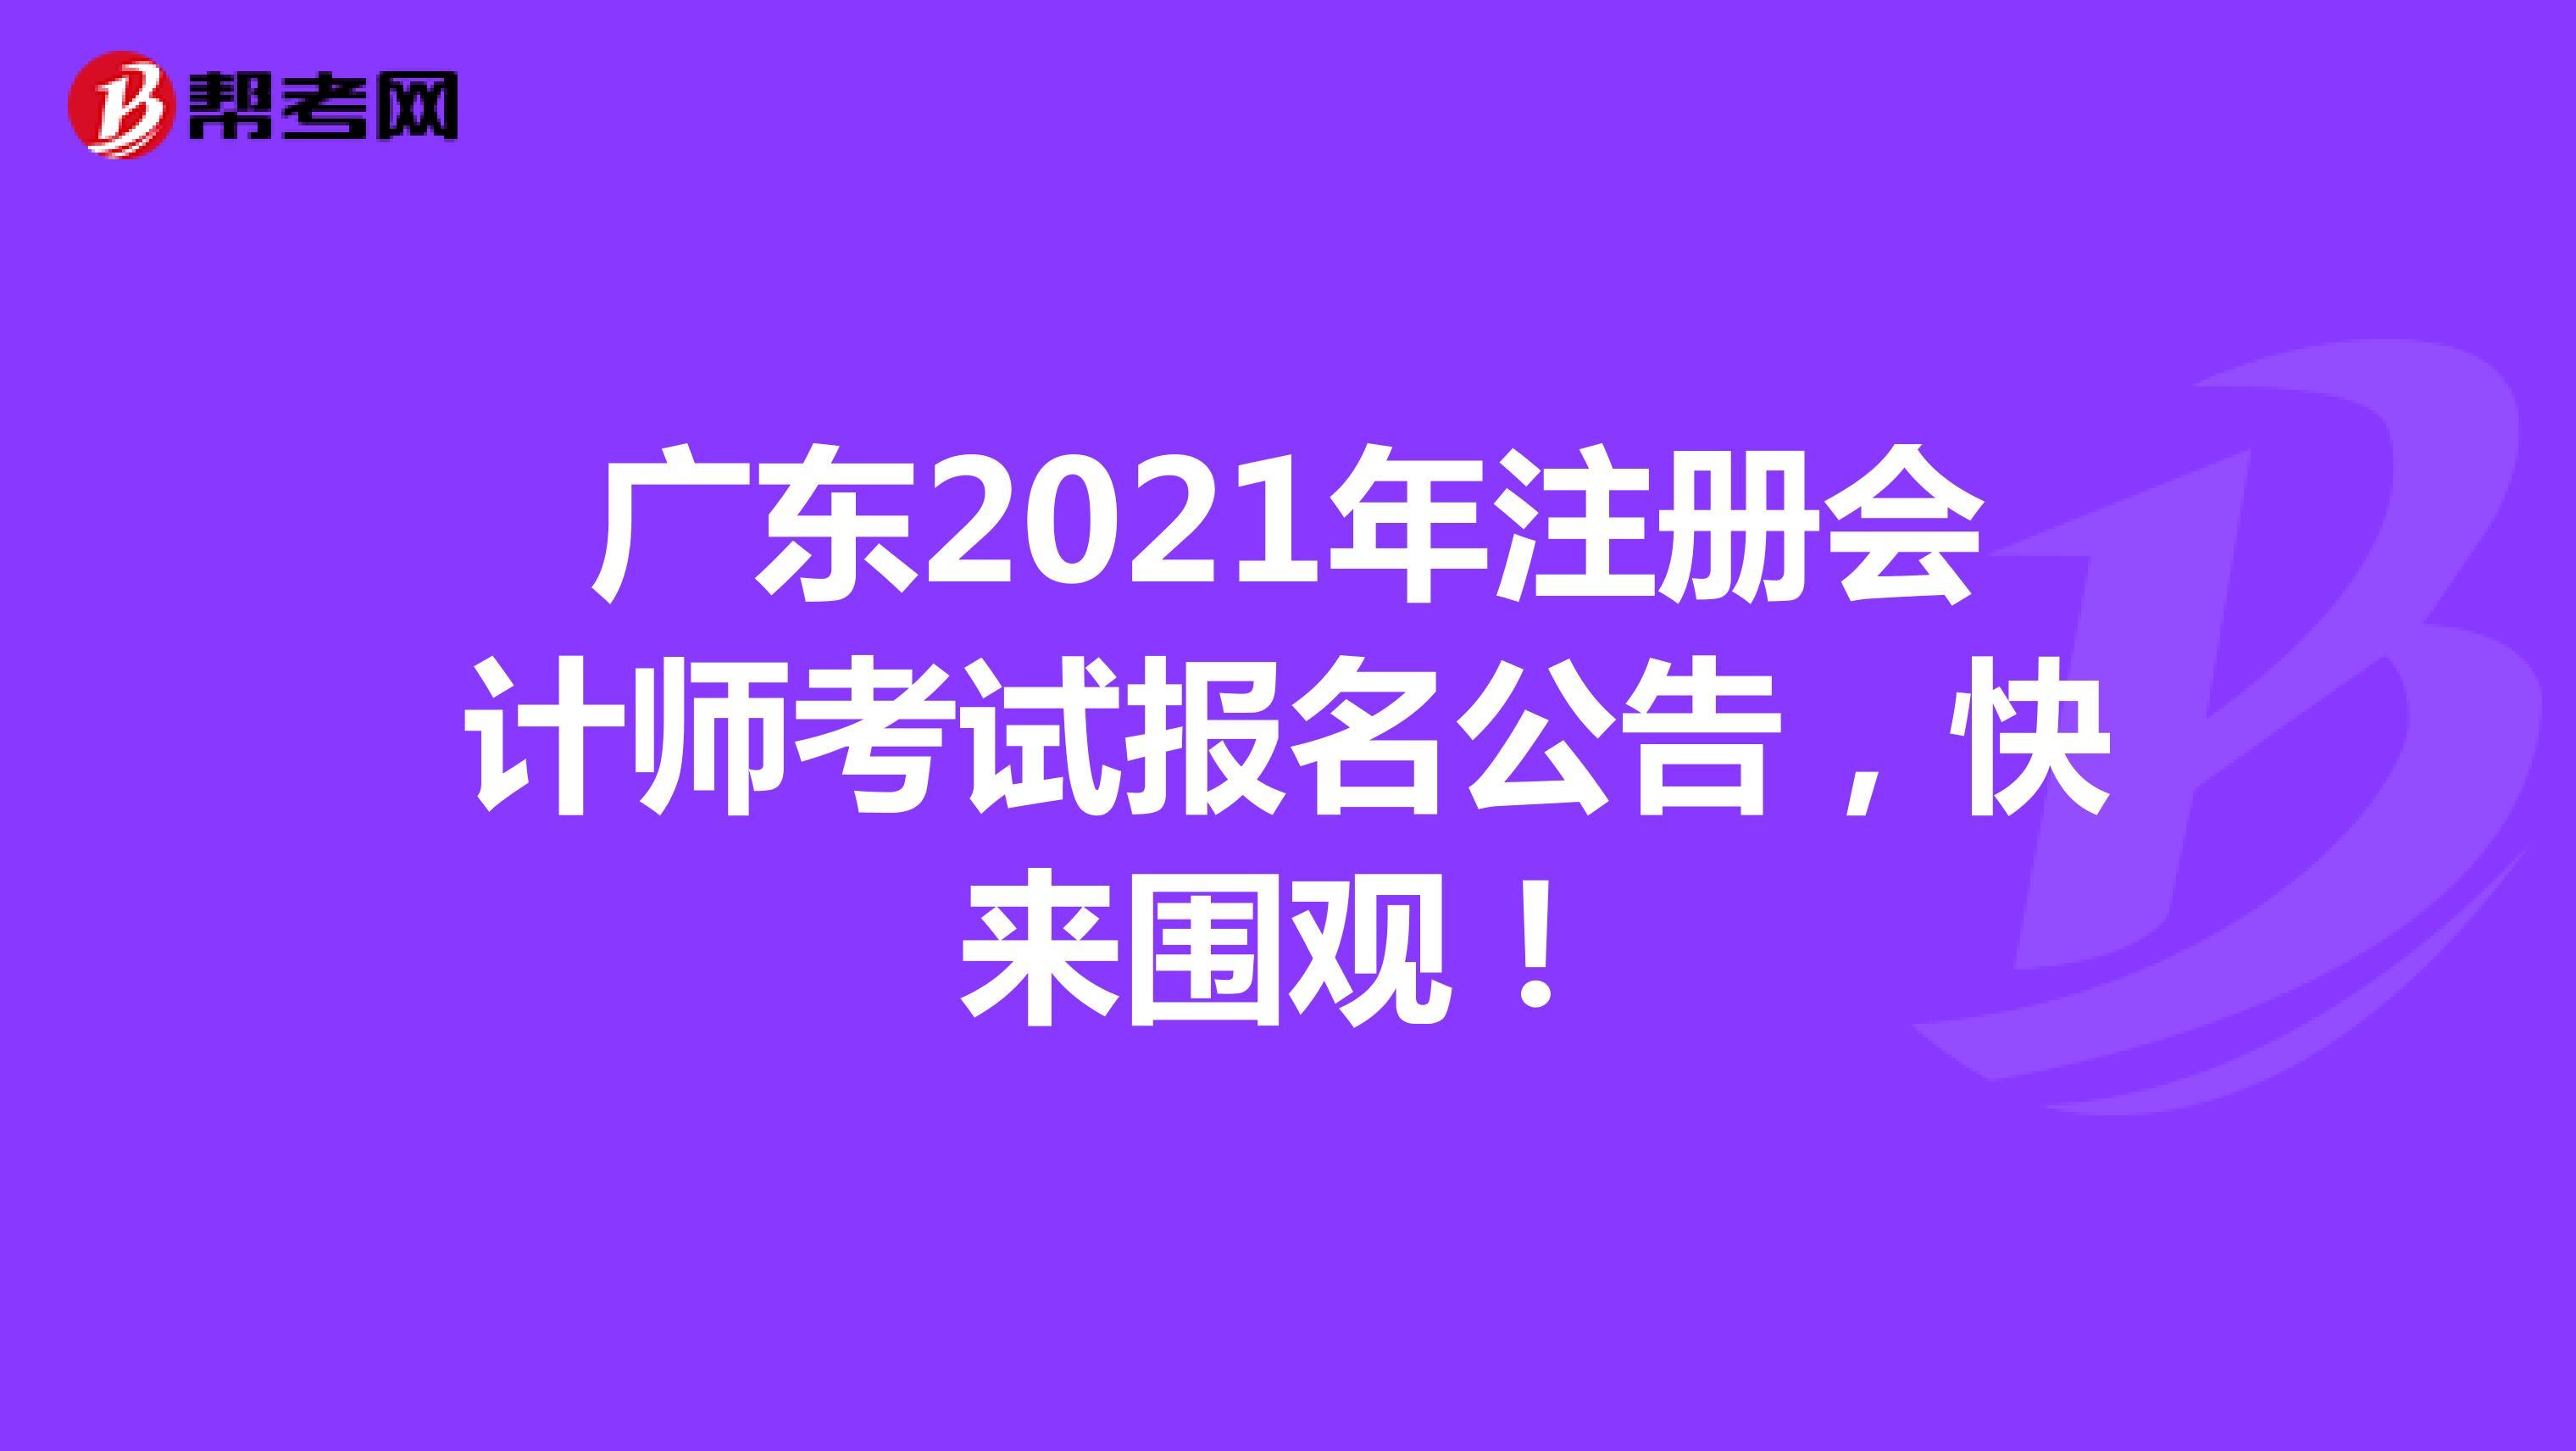 广东2021年【hot88热竞技提款】注册会计师考试报名公告,快来围观!